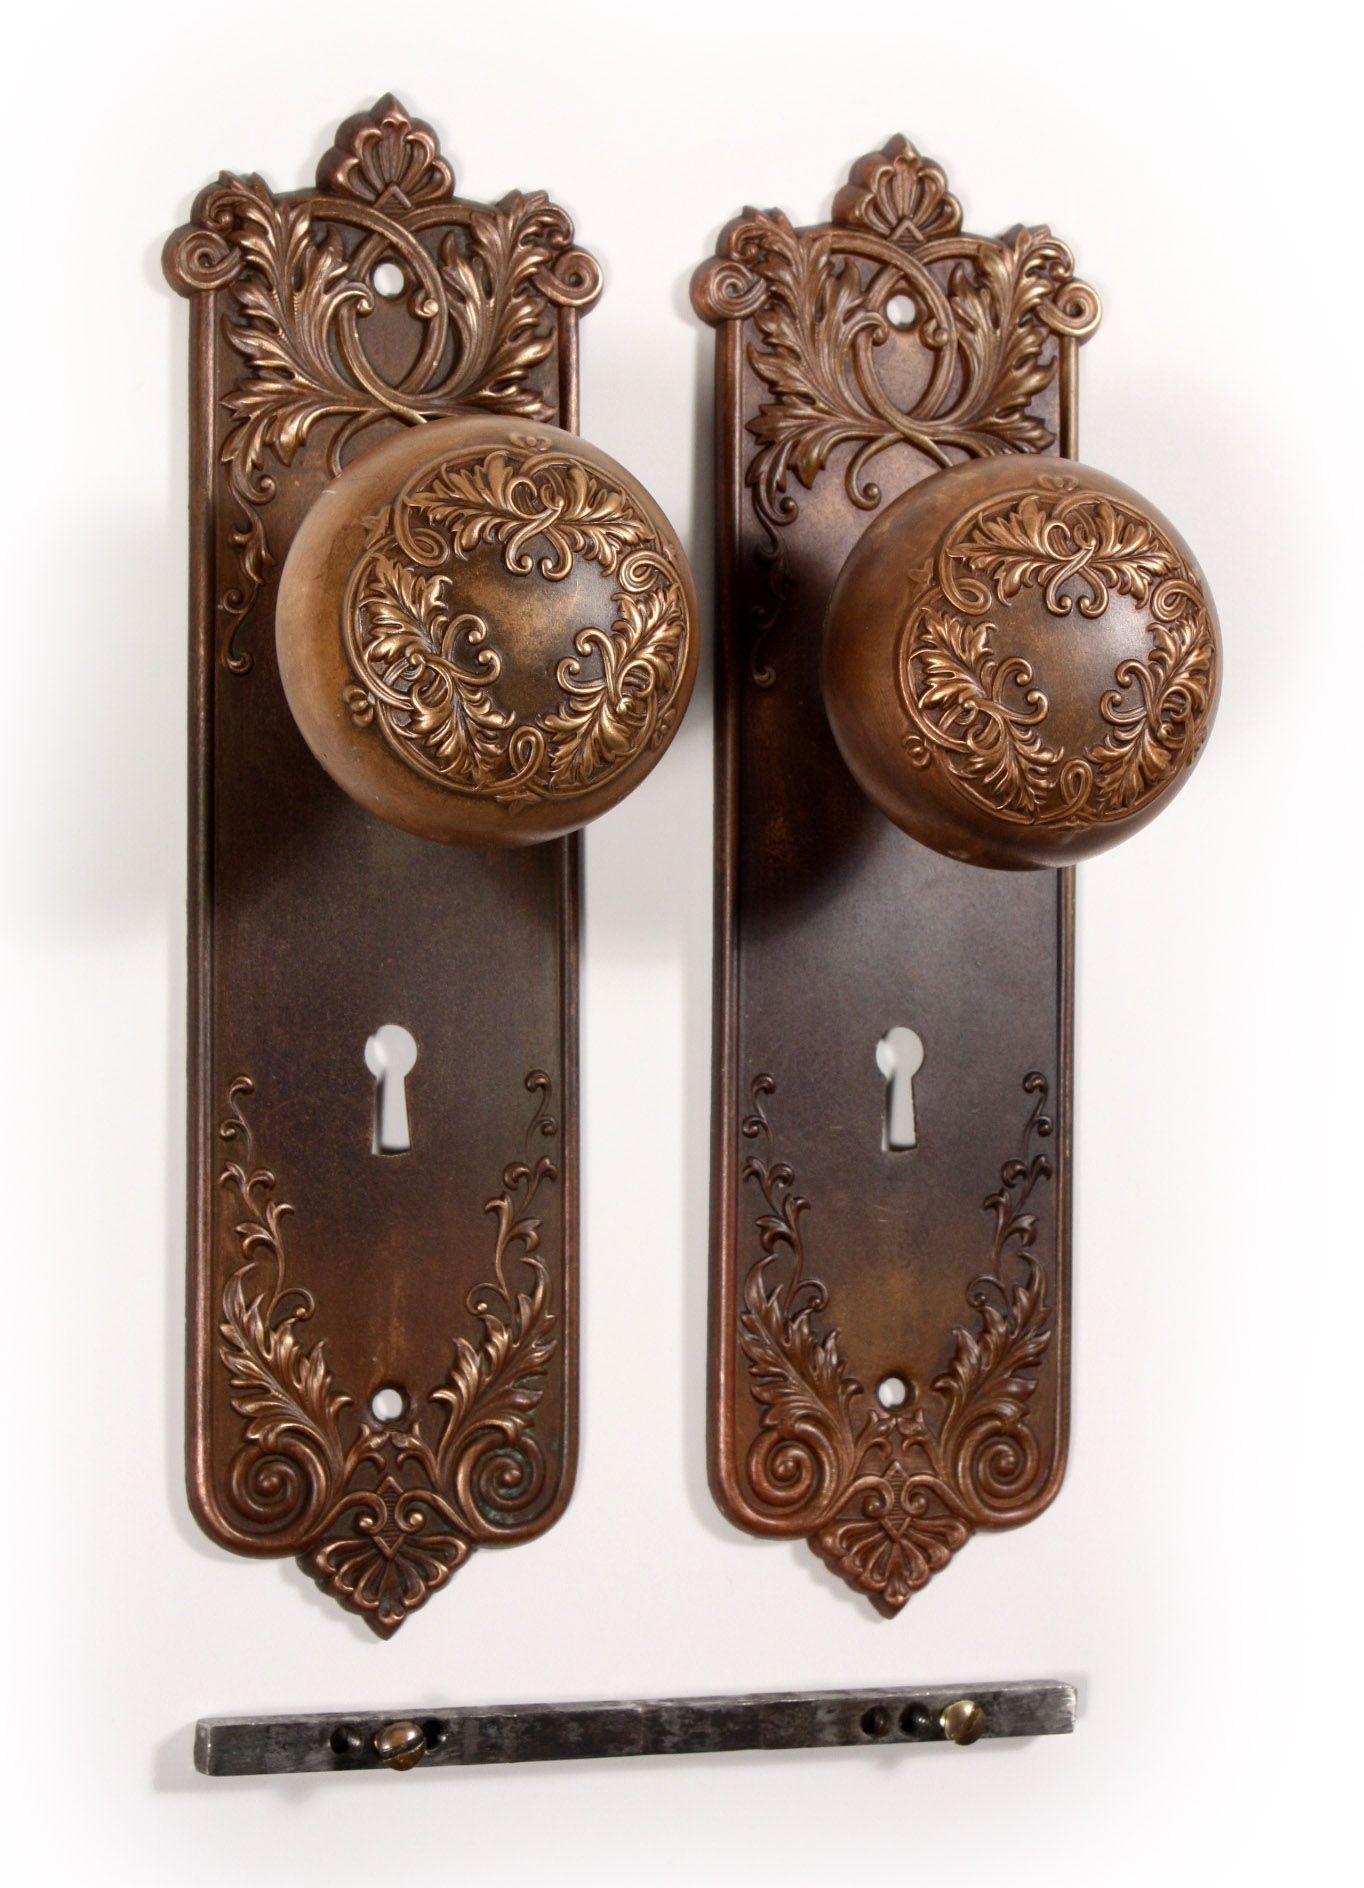 Vintage Door Knob Backplates Door Locks And Knobs For Measurements  regarding proportions 1364 X 1888 - Antique Door Knobs And Backplates • Knobs Ideas Site